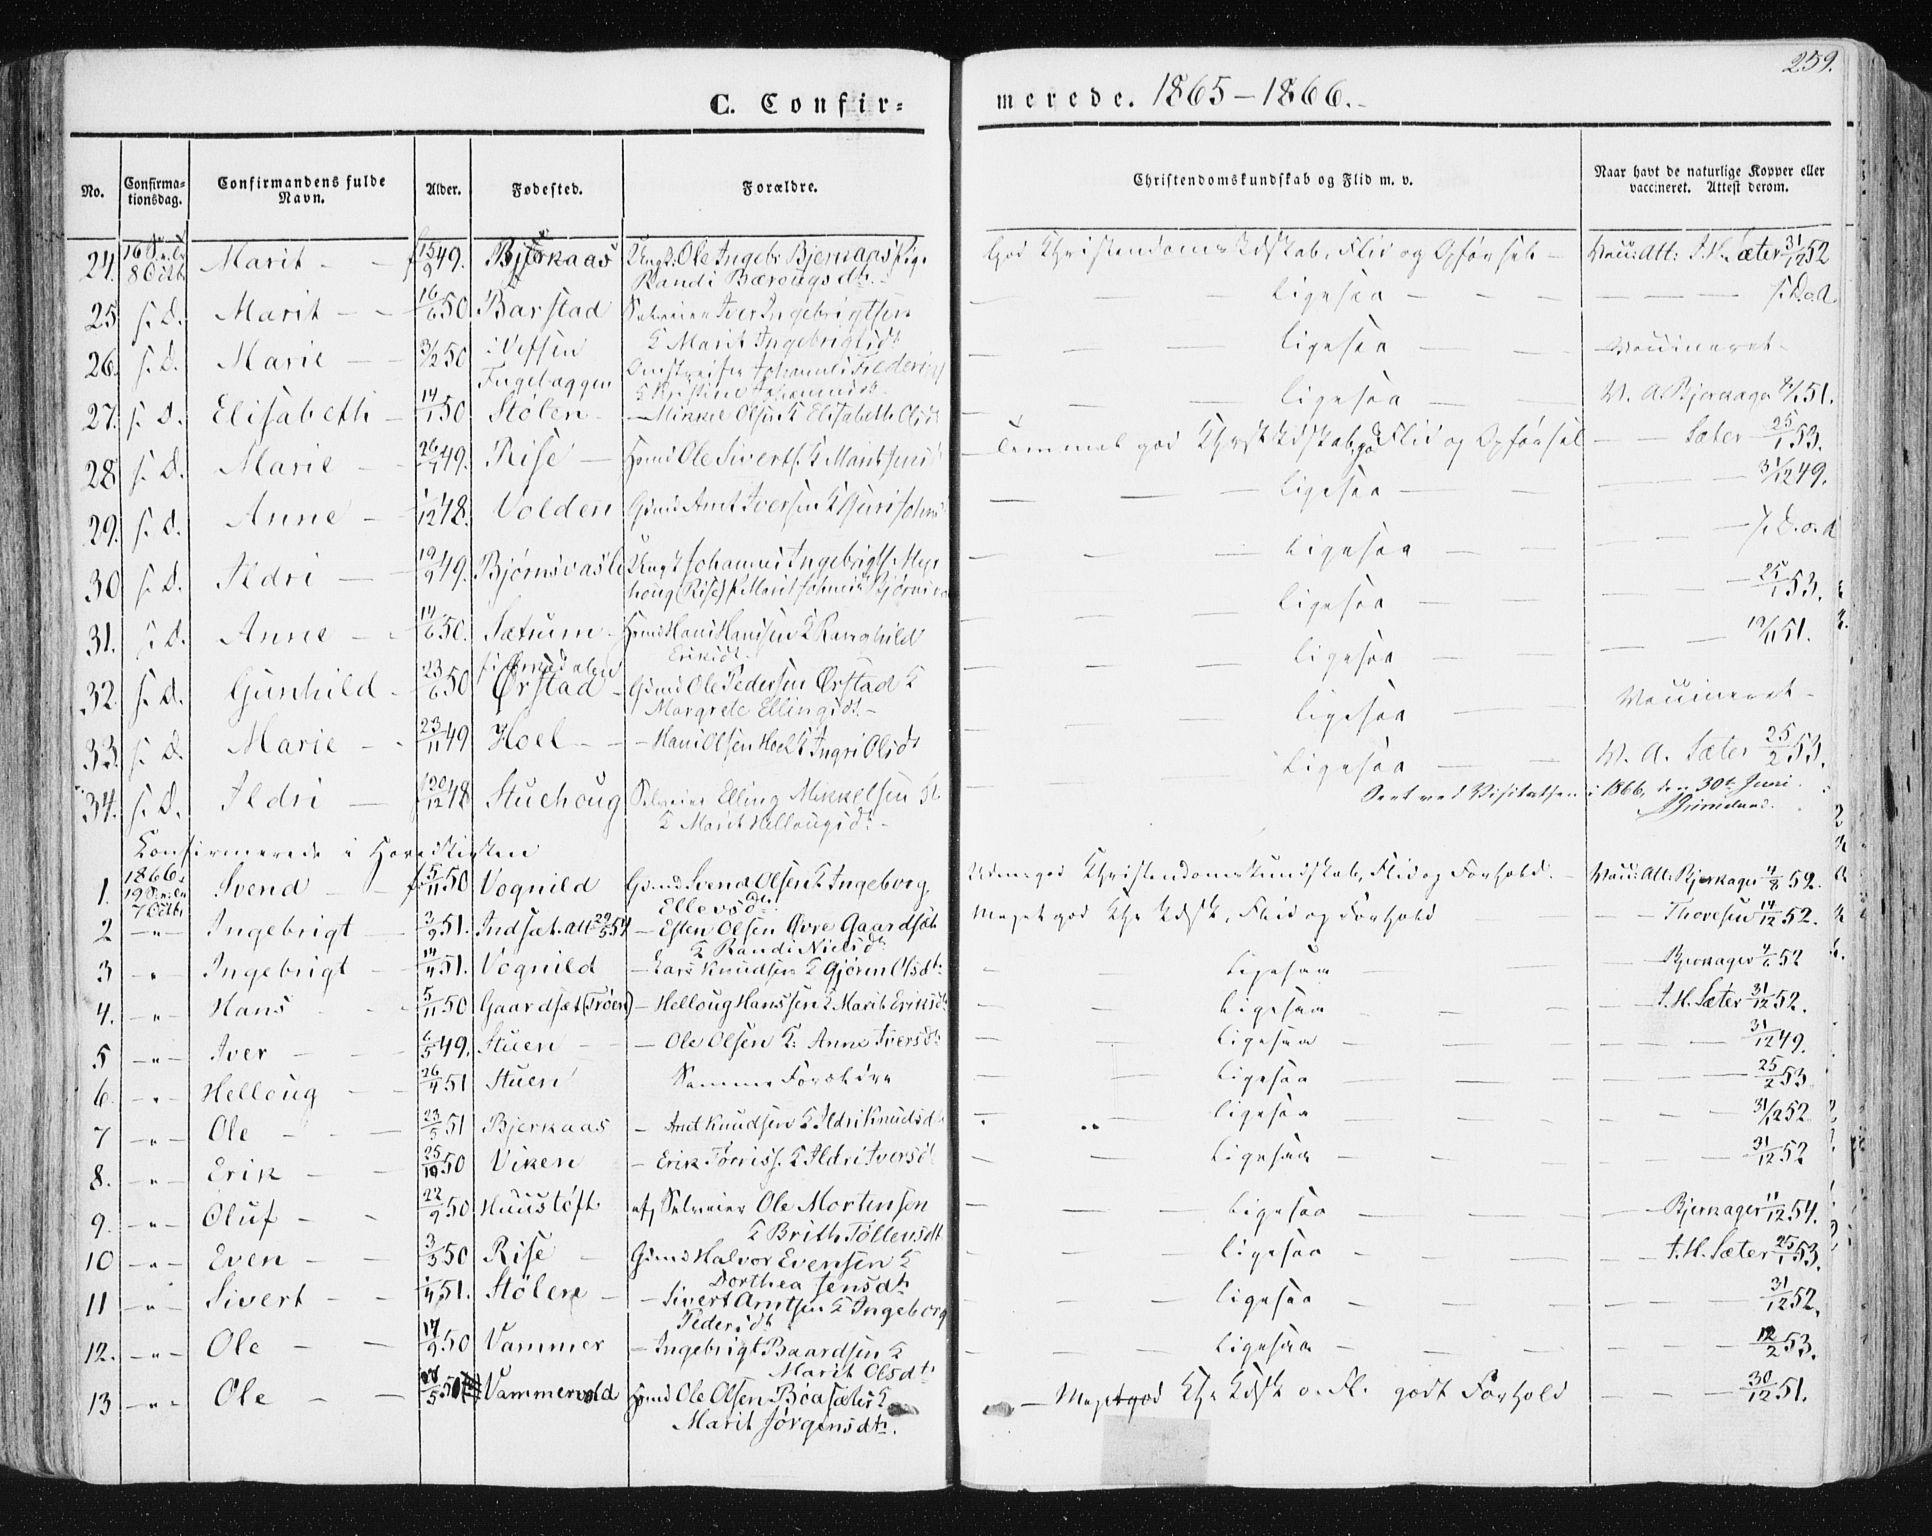 SAT, Ministerialprotokoller, klokkerbøker og fødselsregistre - Sør-Trøndelag, 678/L0899: Ministerialbok nr. 678A08, 1848-1872, s. 259